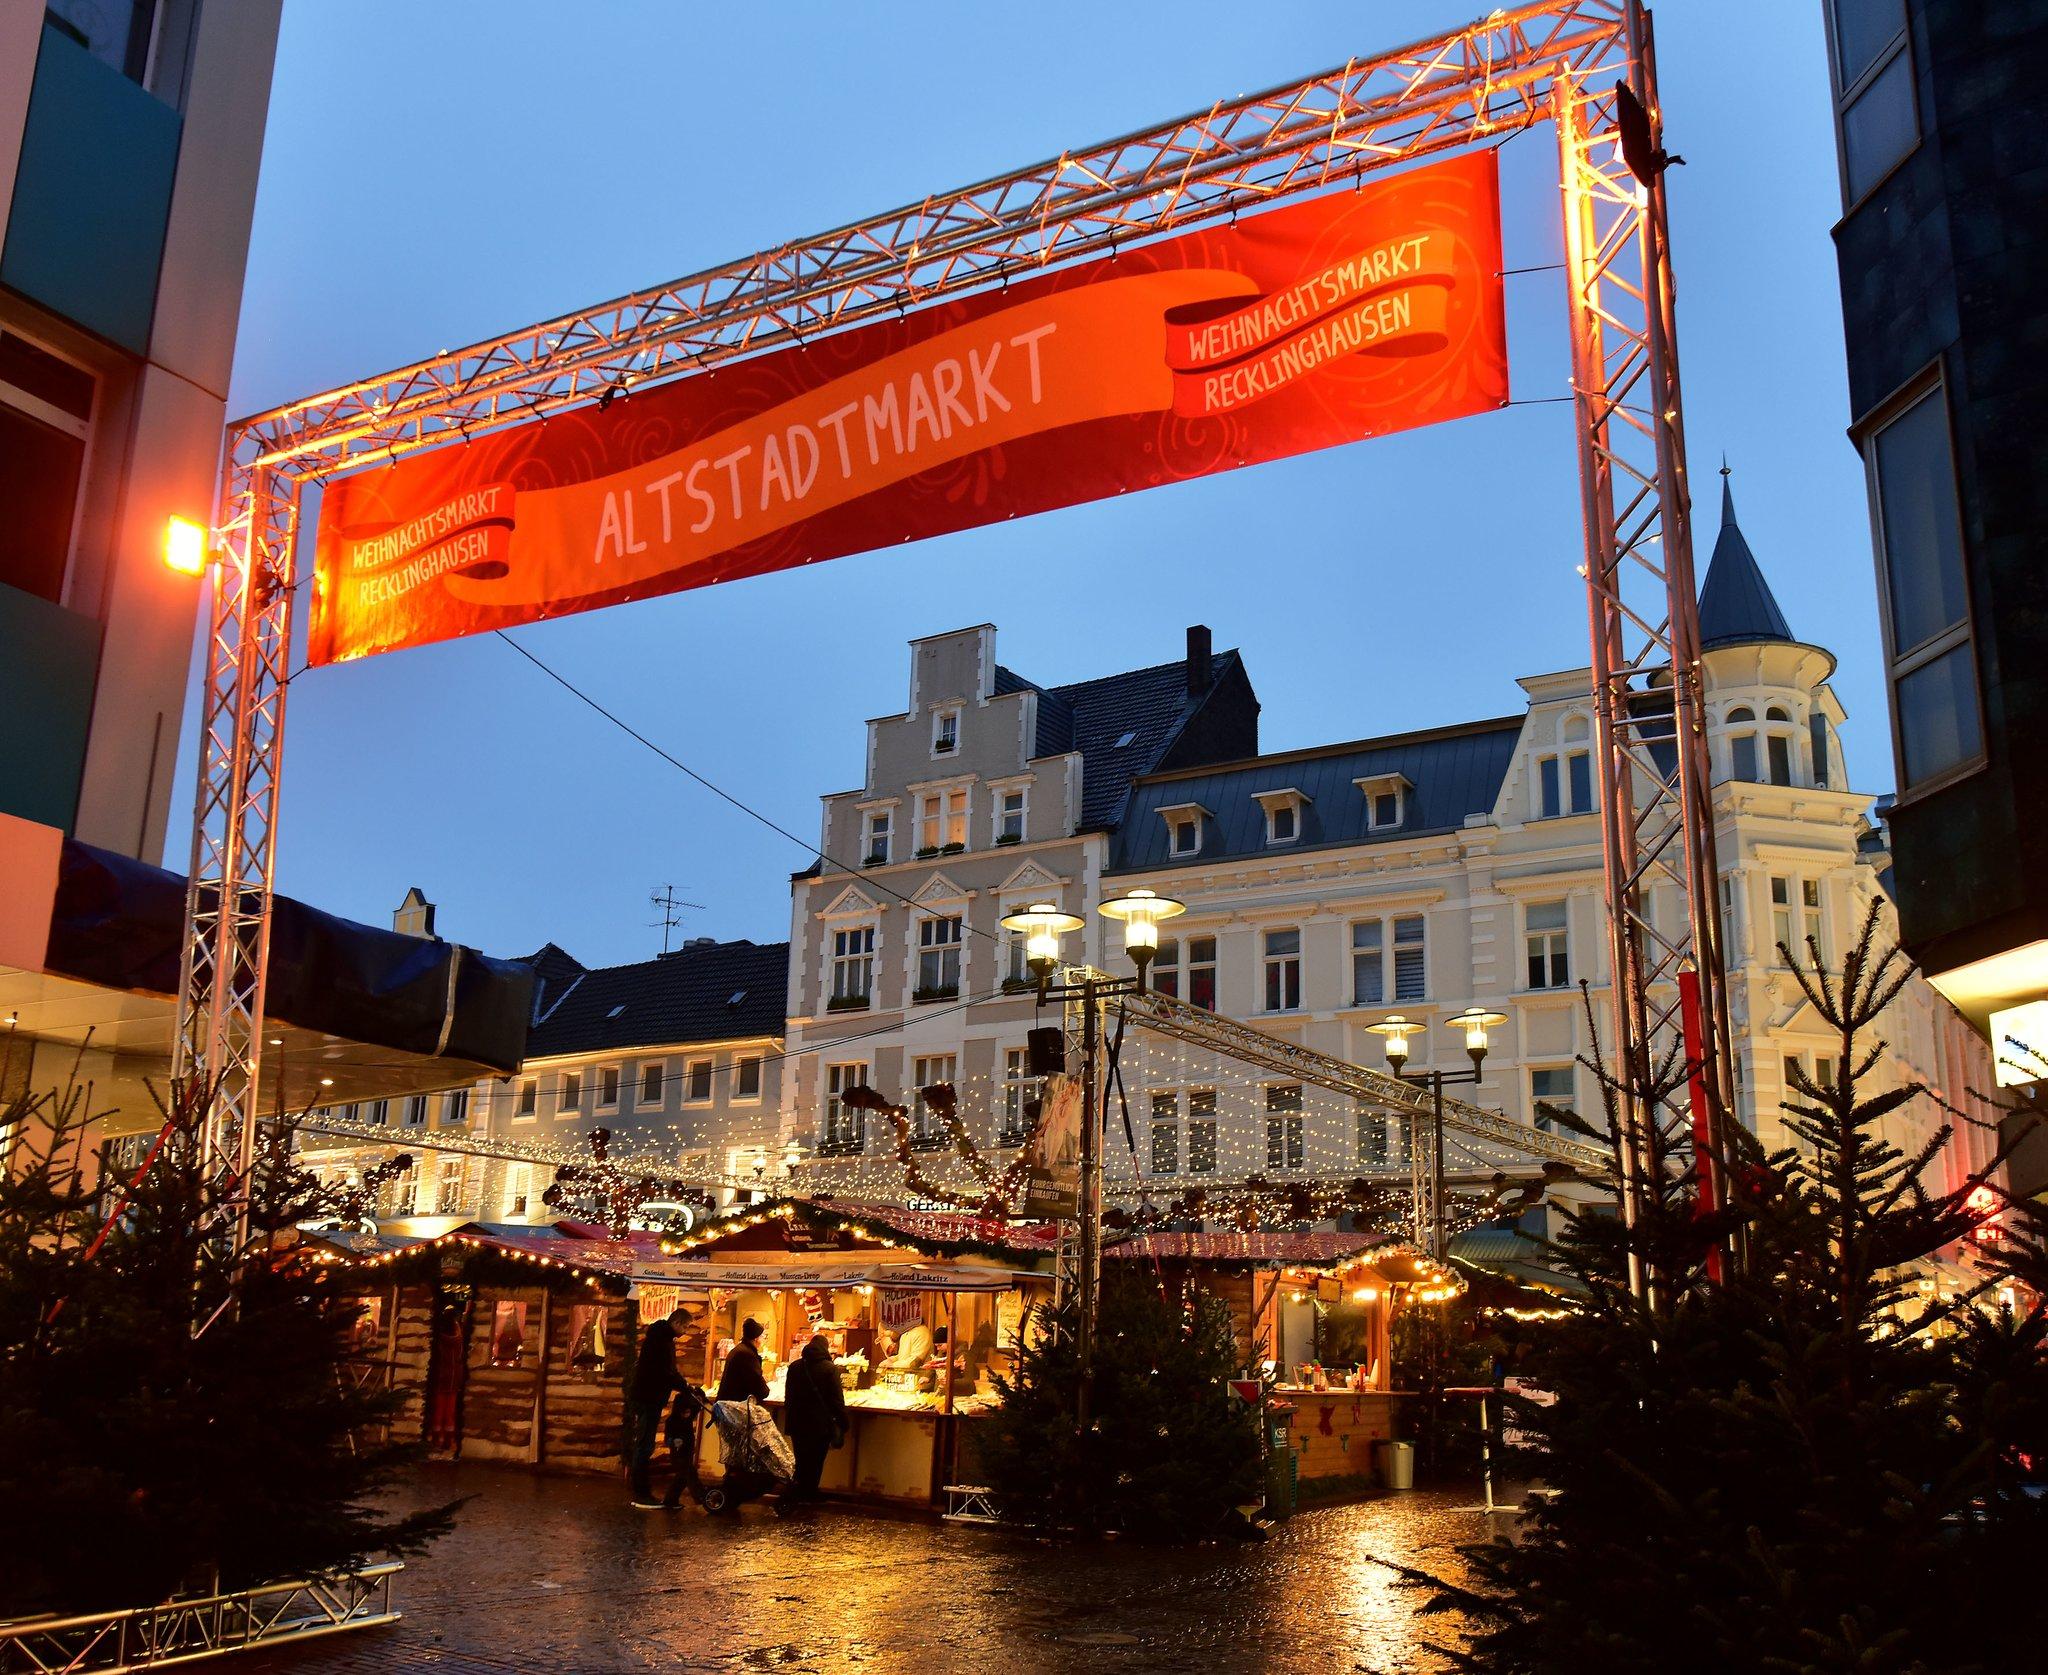 Weihnachtsmarkt Recklinghausen.Adventssingen In Der Altstadt Weihnachtsmarkt Stimmt Sich Auf Den 1